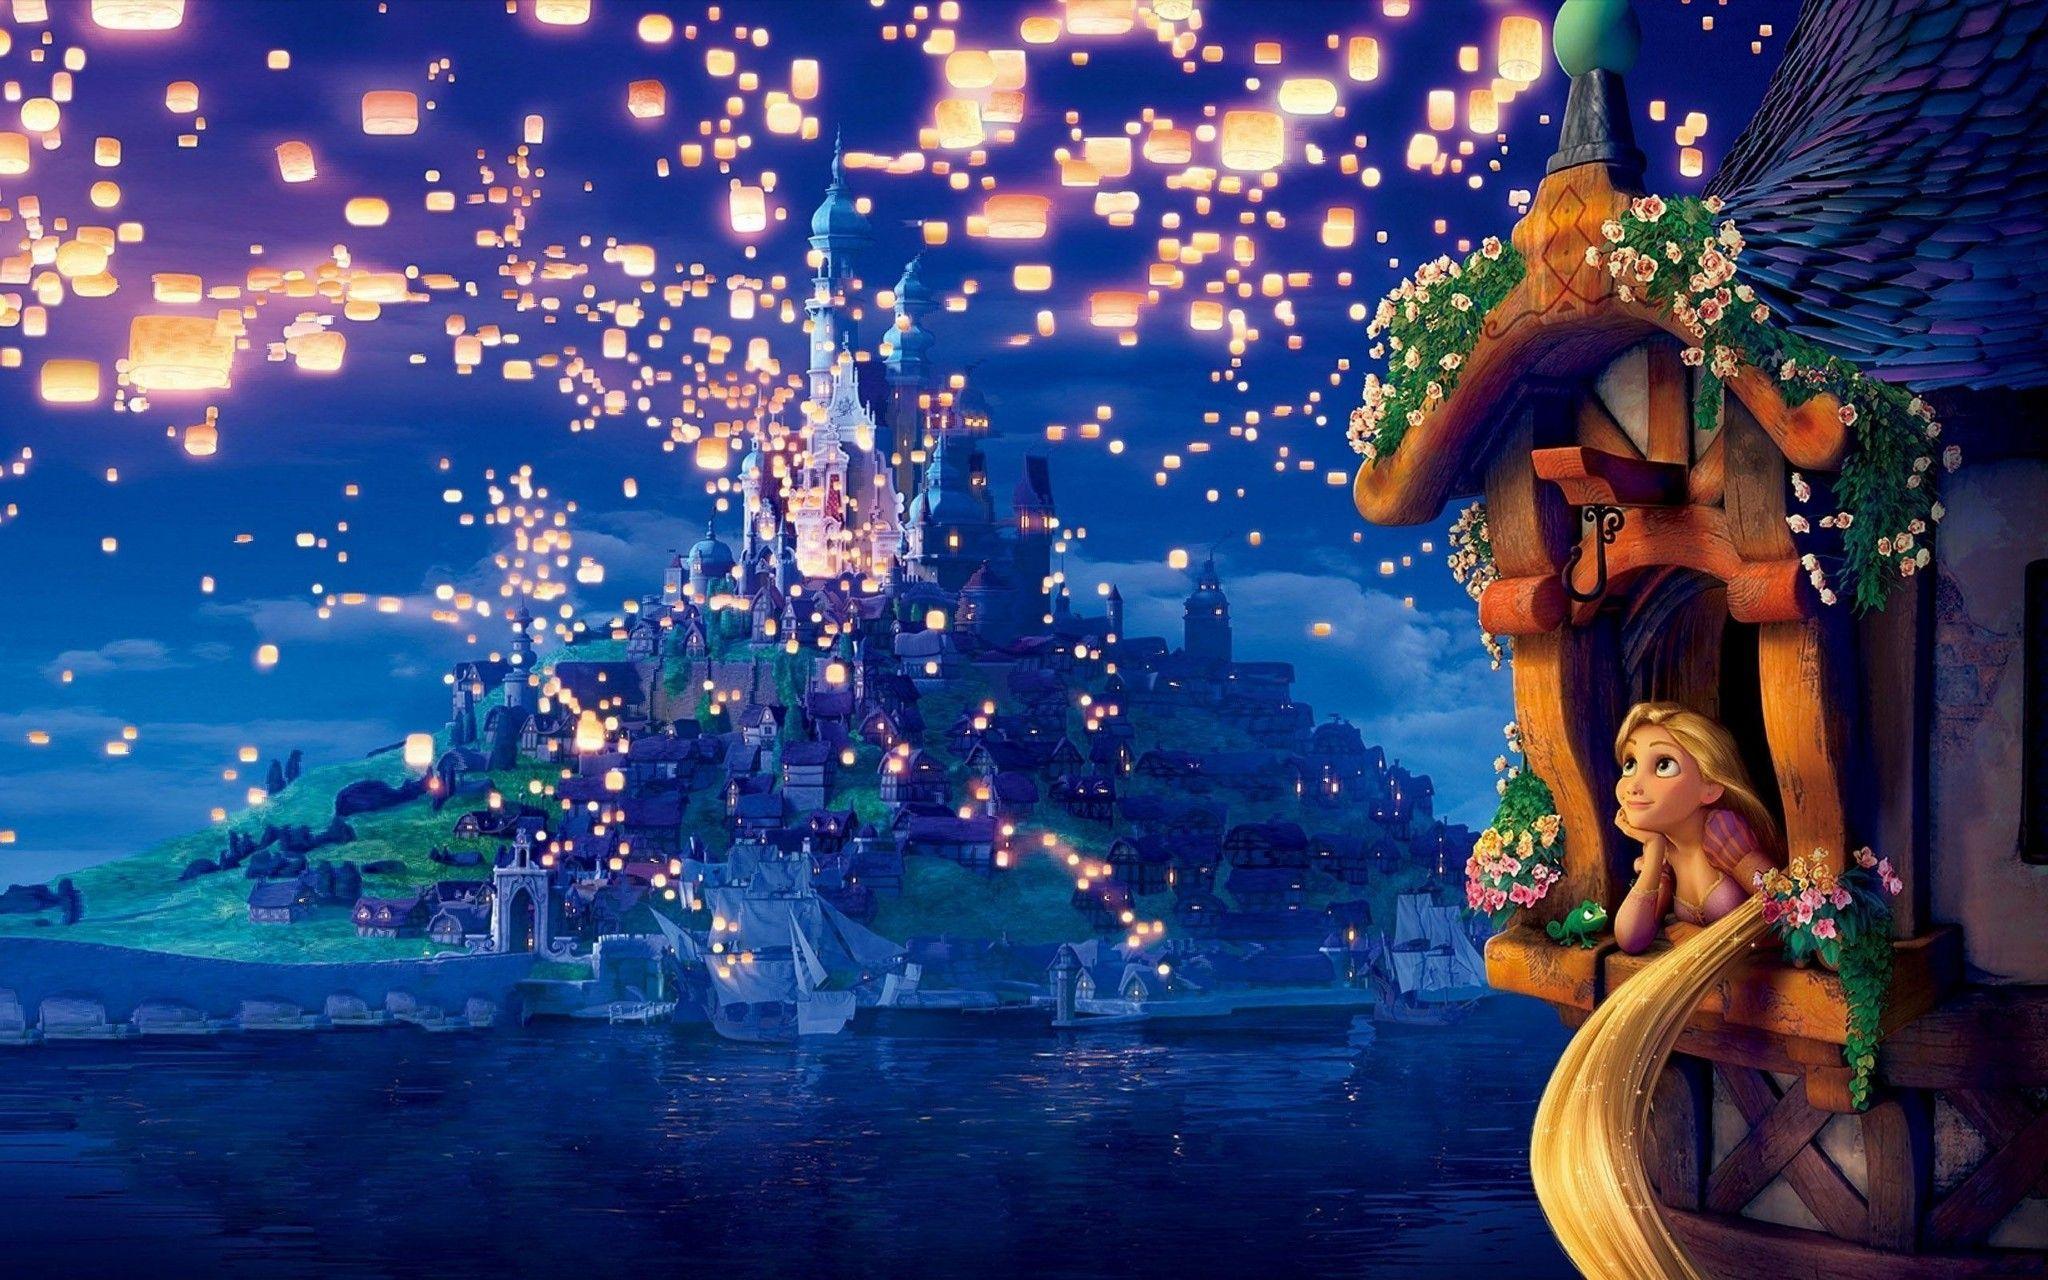 Kinderkamer おしゃれまとめの人気アイデア Pinterest Maria Mancilla ディズニーの背景 ディズニーのラプンツェル ペア画 ディズニー